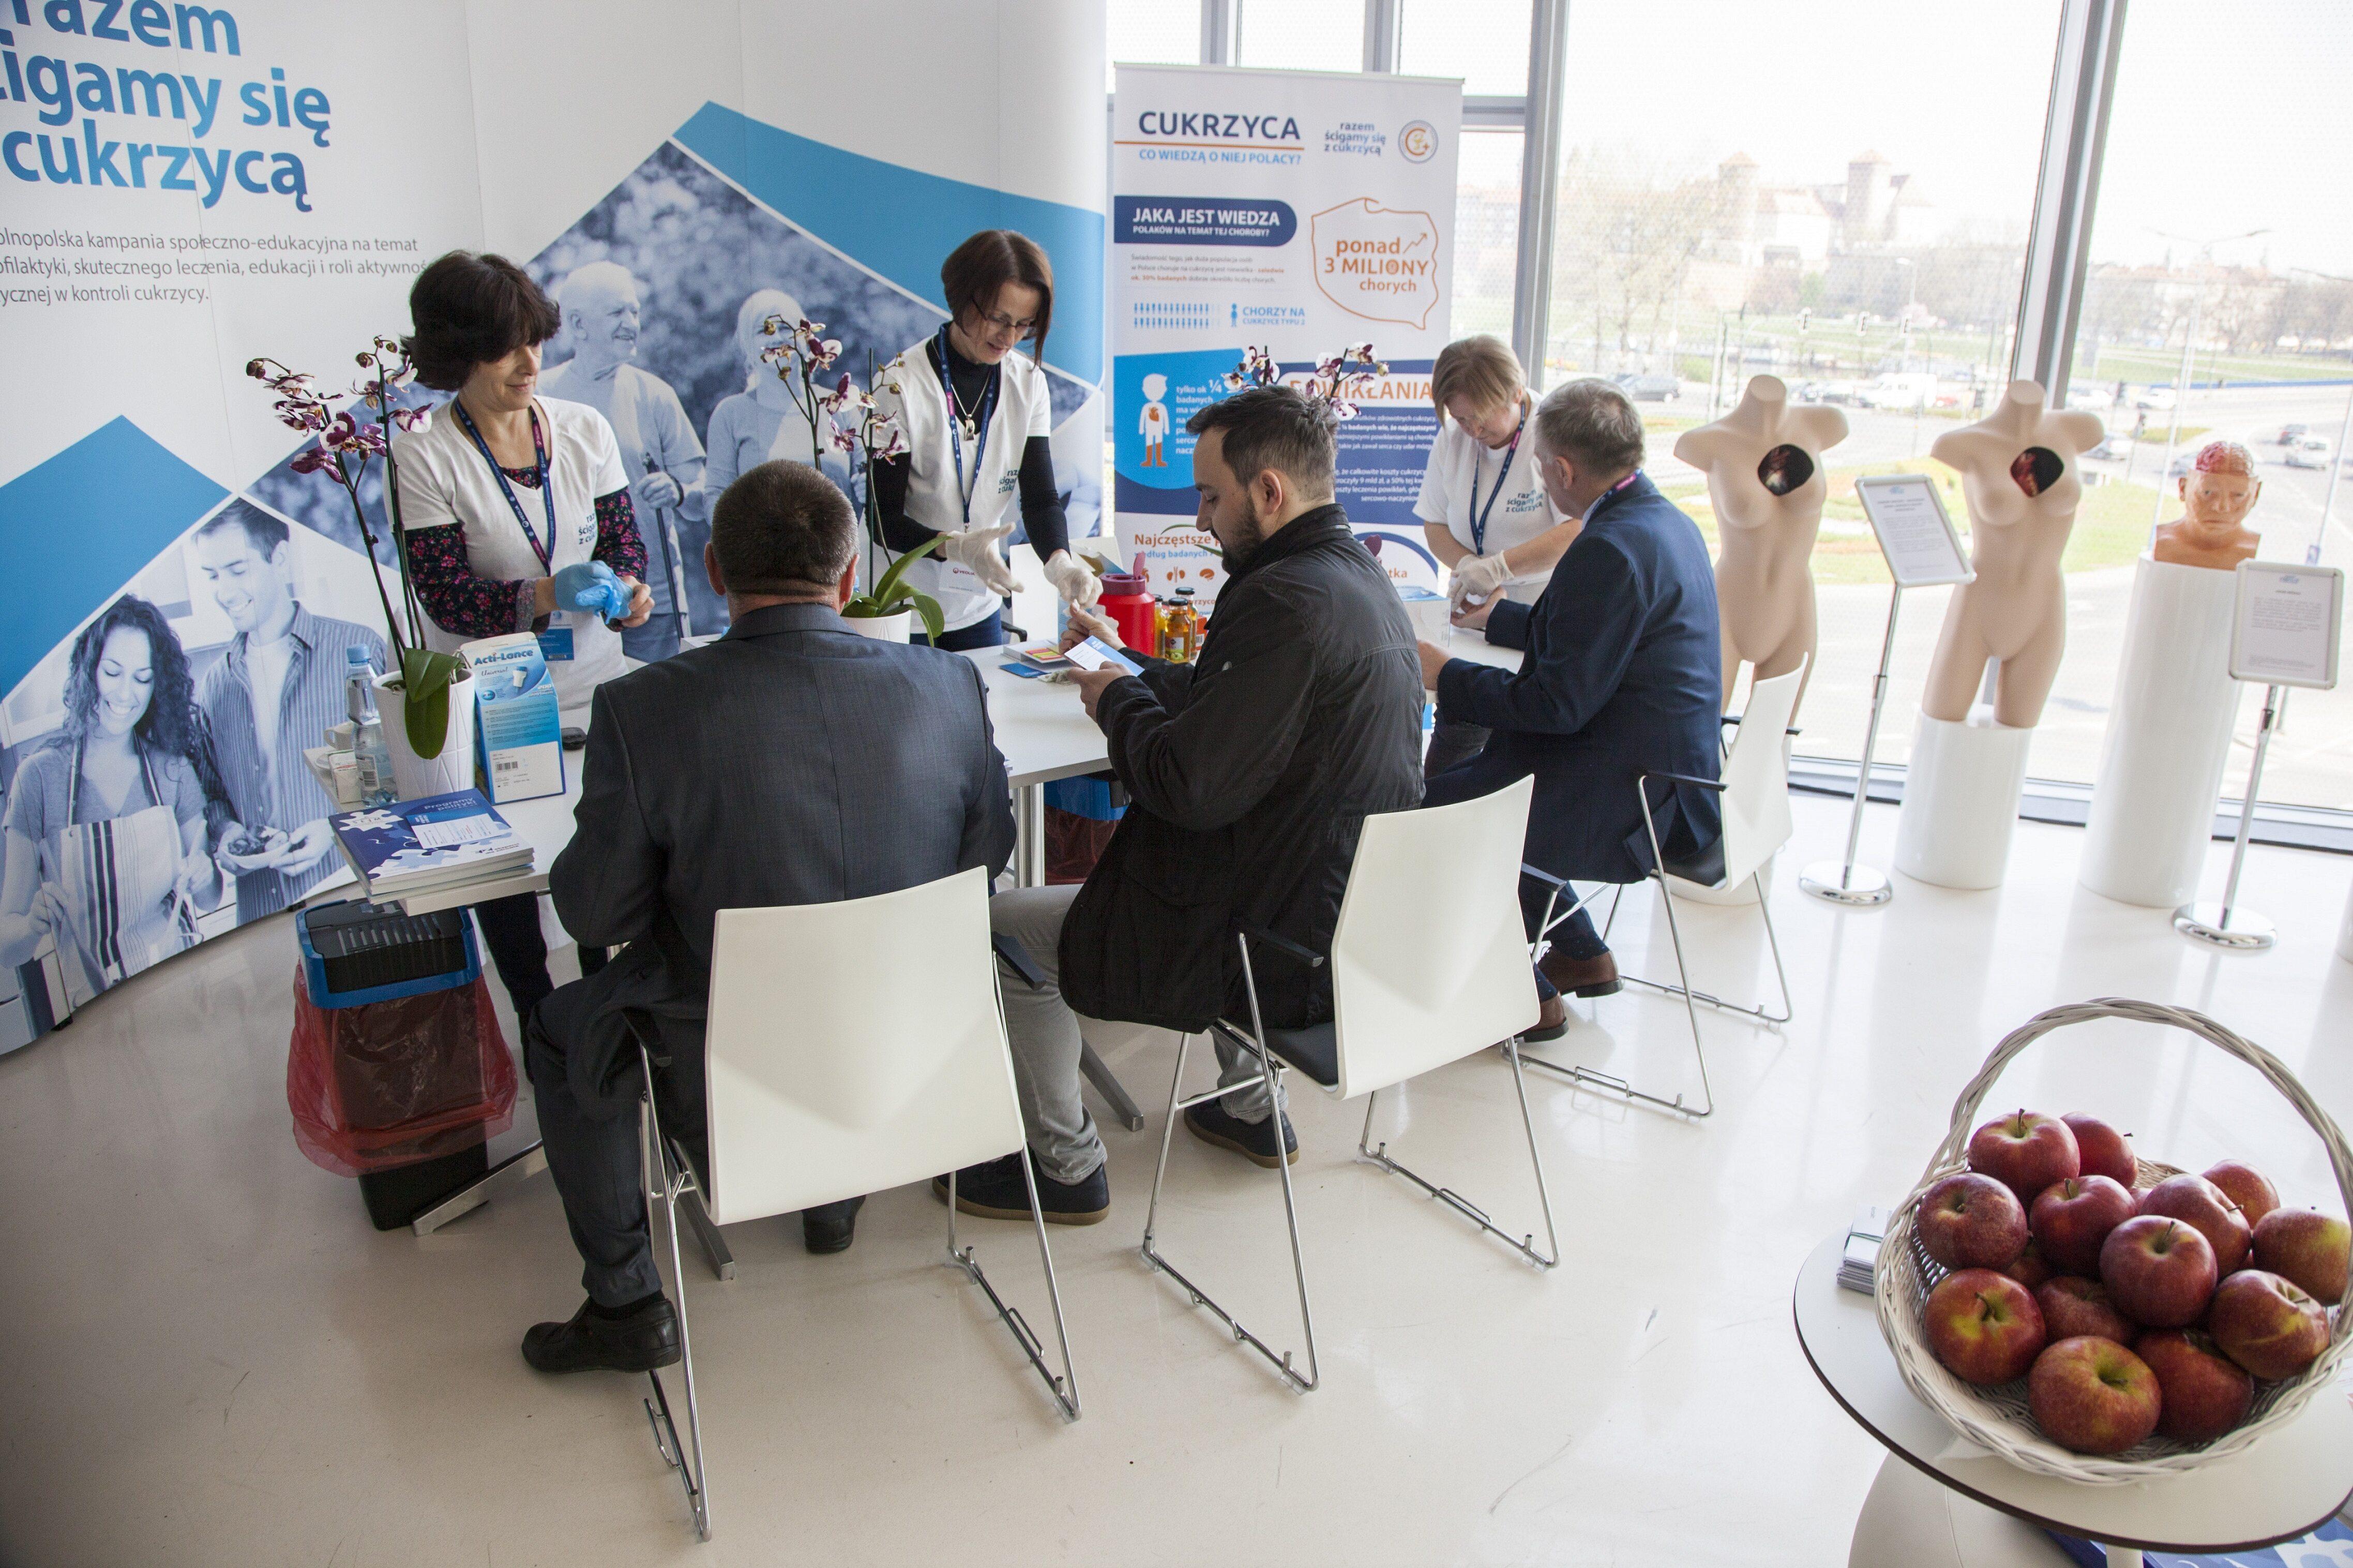 V Europejski Kongres Samorządów Cukrzyca - największe wyzwanie zdrowotne naszych czasów